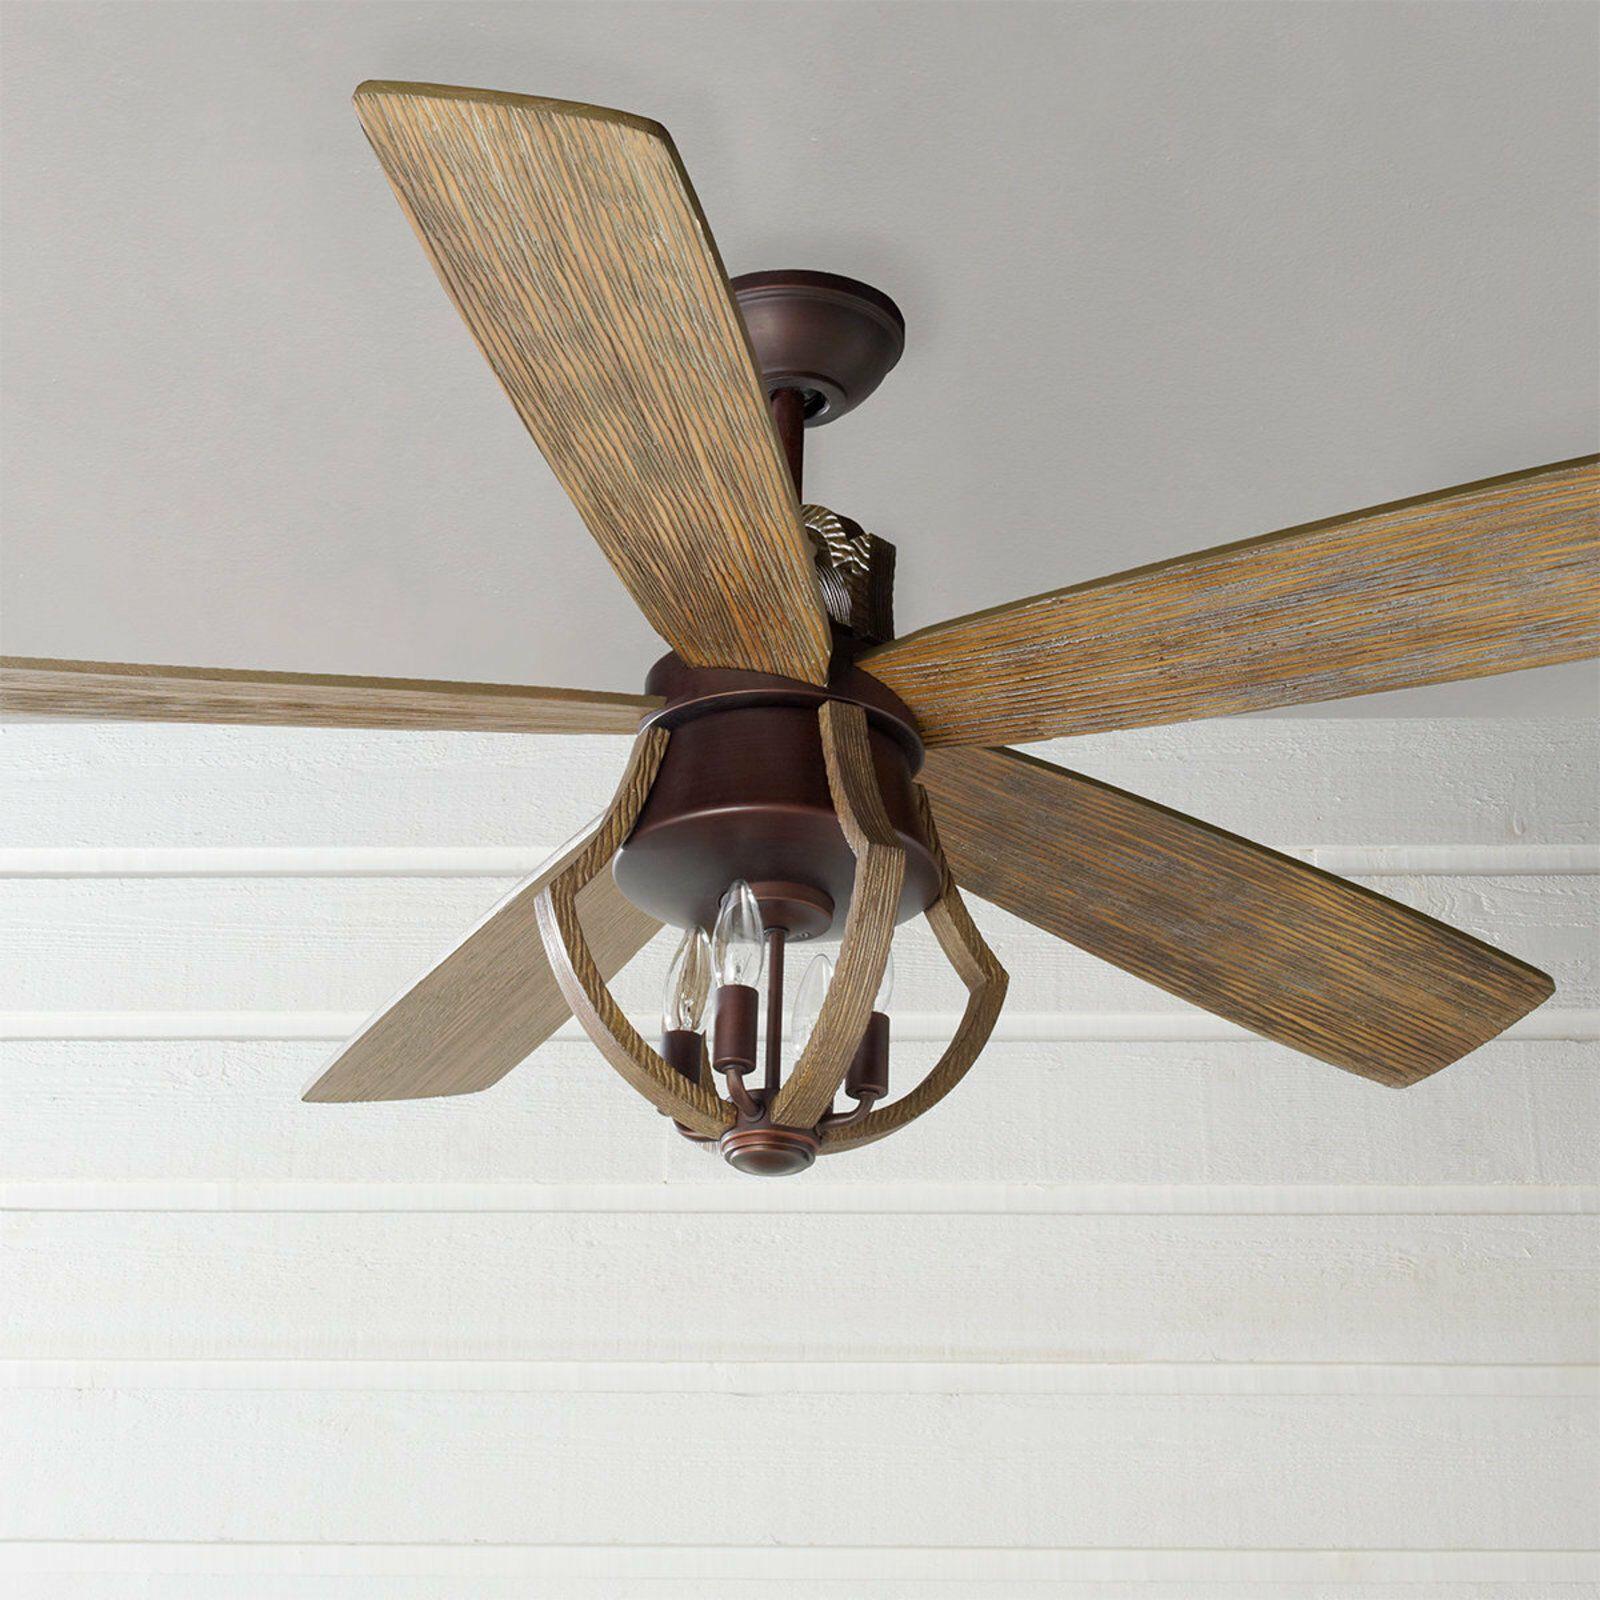 56 Farmhouse Rustic Industrial Wine Barrel Stave Ceiling Fan Light Kit Included Ebay Ceiling Fan Light Kit Ceiling Fan With Light Ceiling Fan